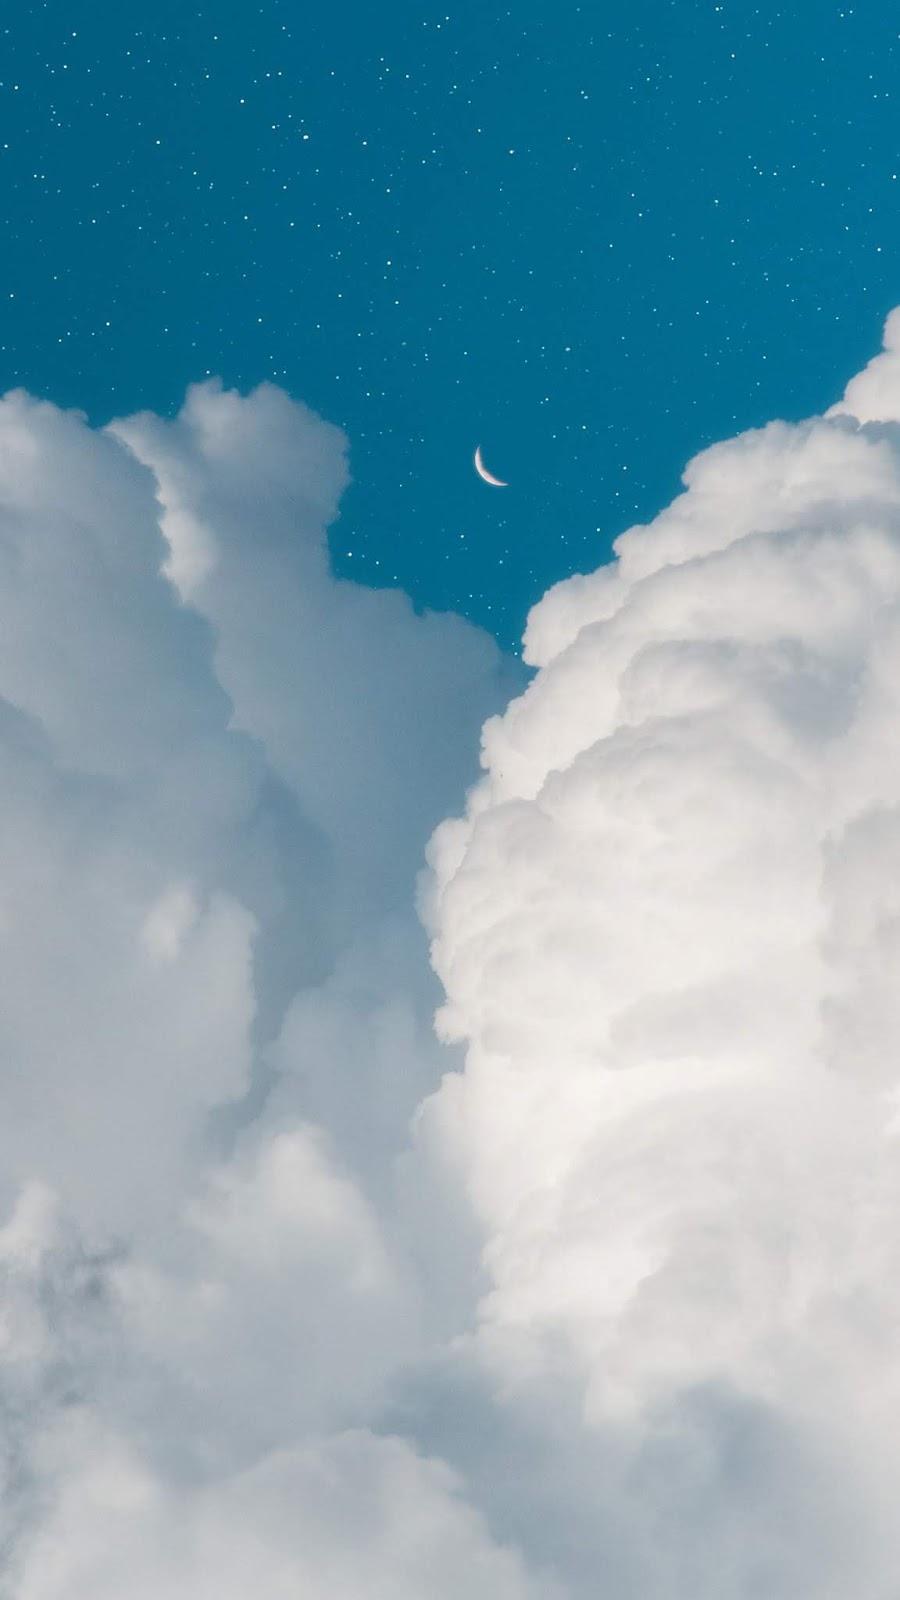 Mặt trăng khuyết trên trời mây